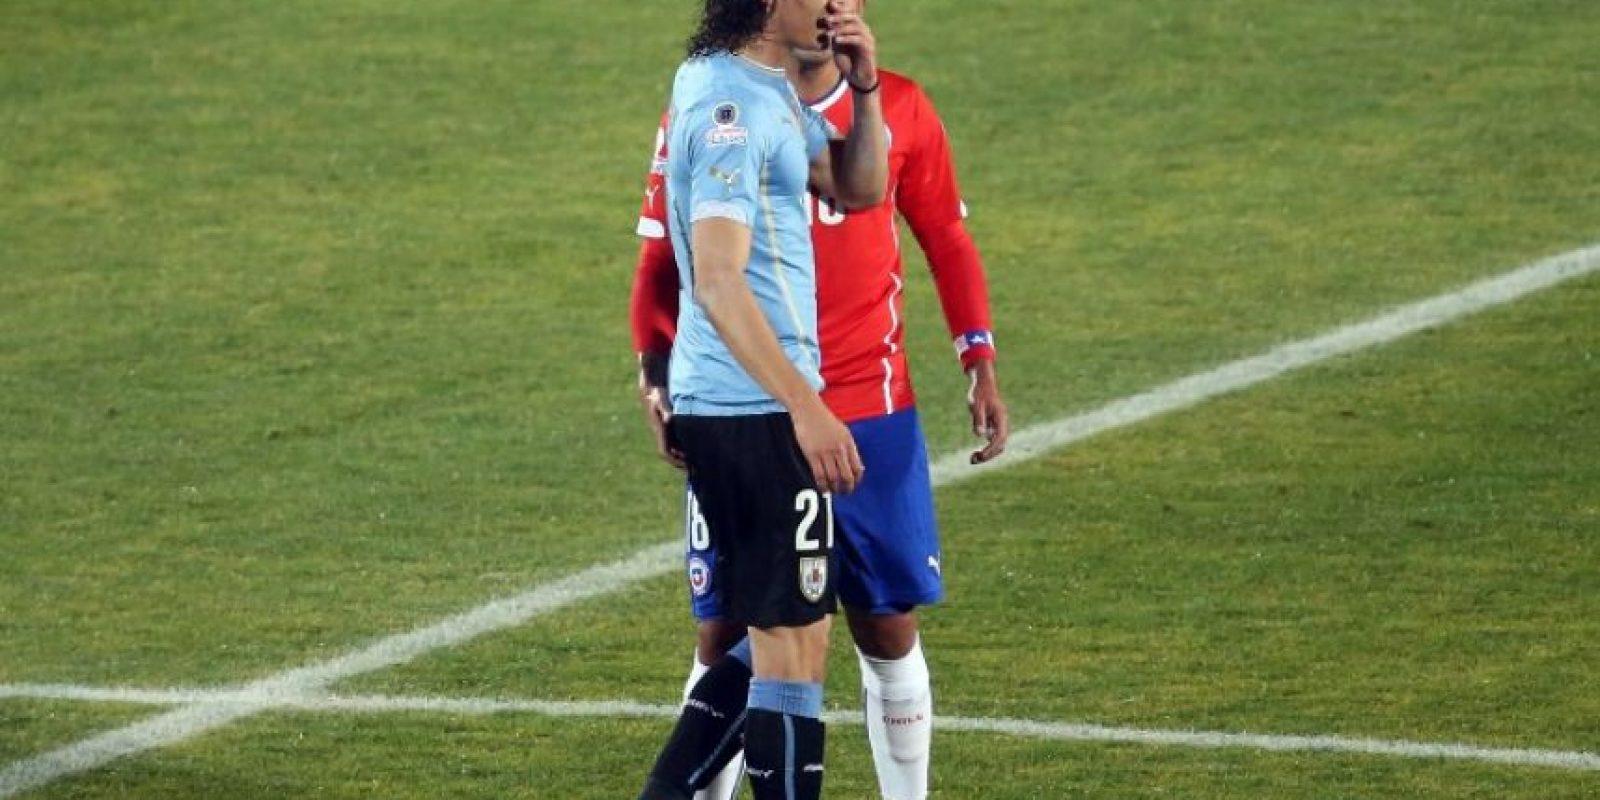 1. Gonzalo Jara provocó la expulsión de Edinson Cavani en los cuartos de final de la Copa América 2015 Foto:AFP